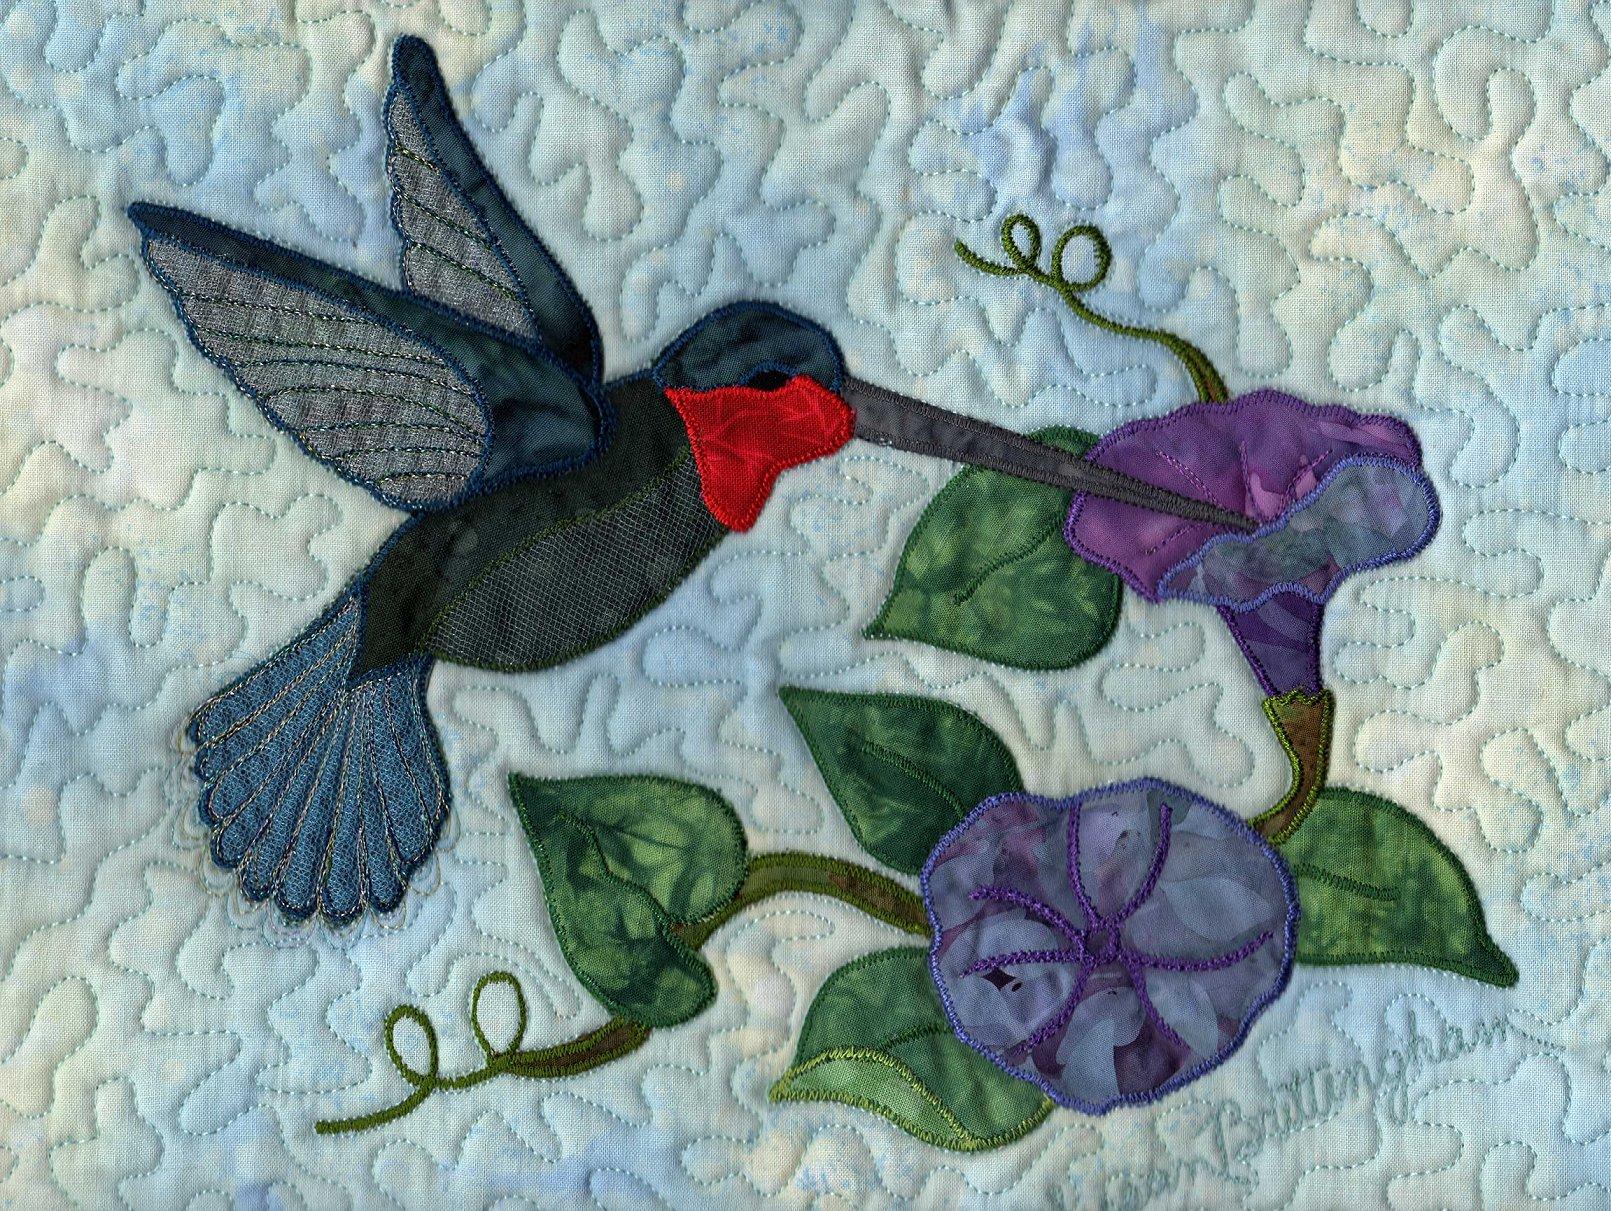 Upside Down Applique | Making Modern Memories : hummingbird quilts - Adamdwight.com